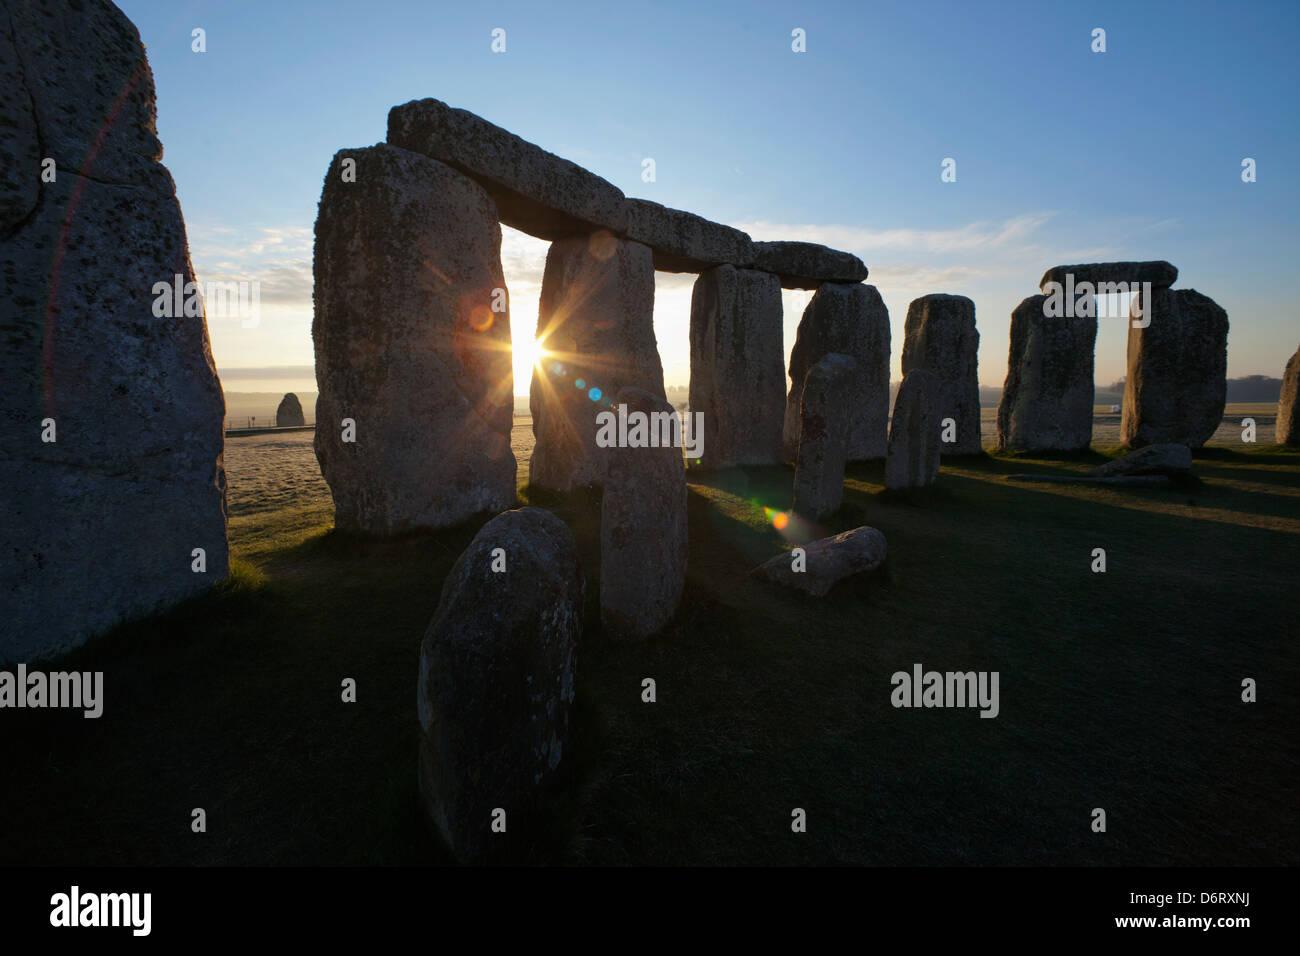 UK, England, Wiltshire, Stonehenge at sunset Stock Photo